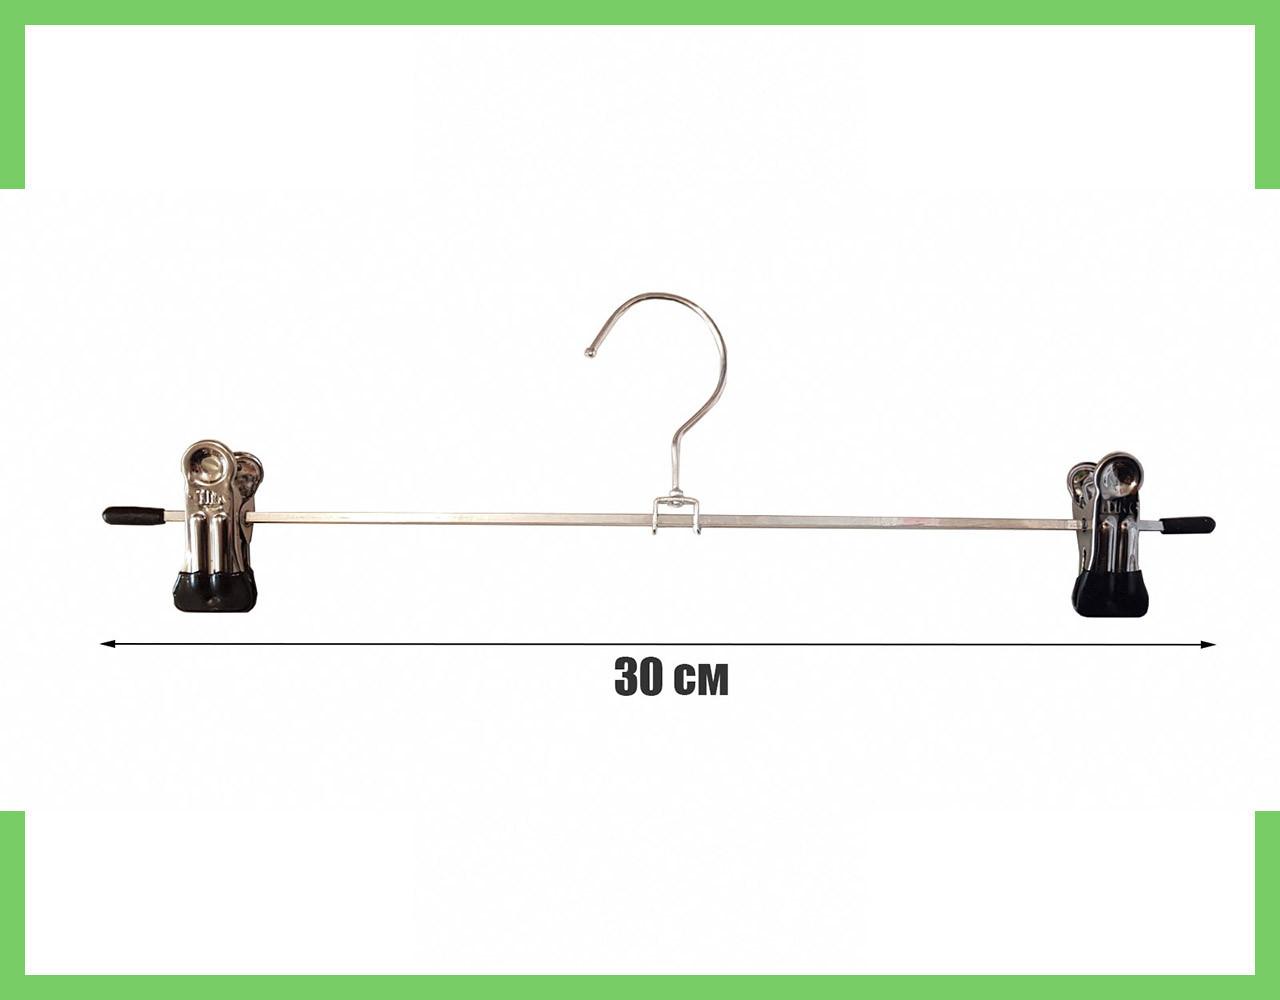 Вешалки плечики тремпеля с прищепками для брюк и юбок металлические 30 см (никель+силикон)